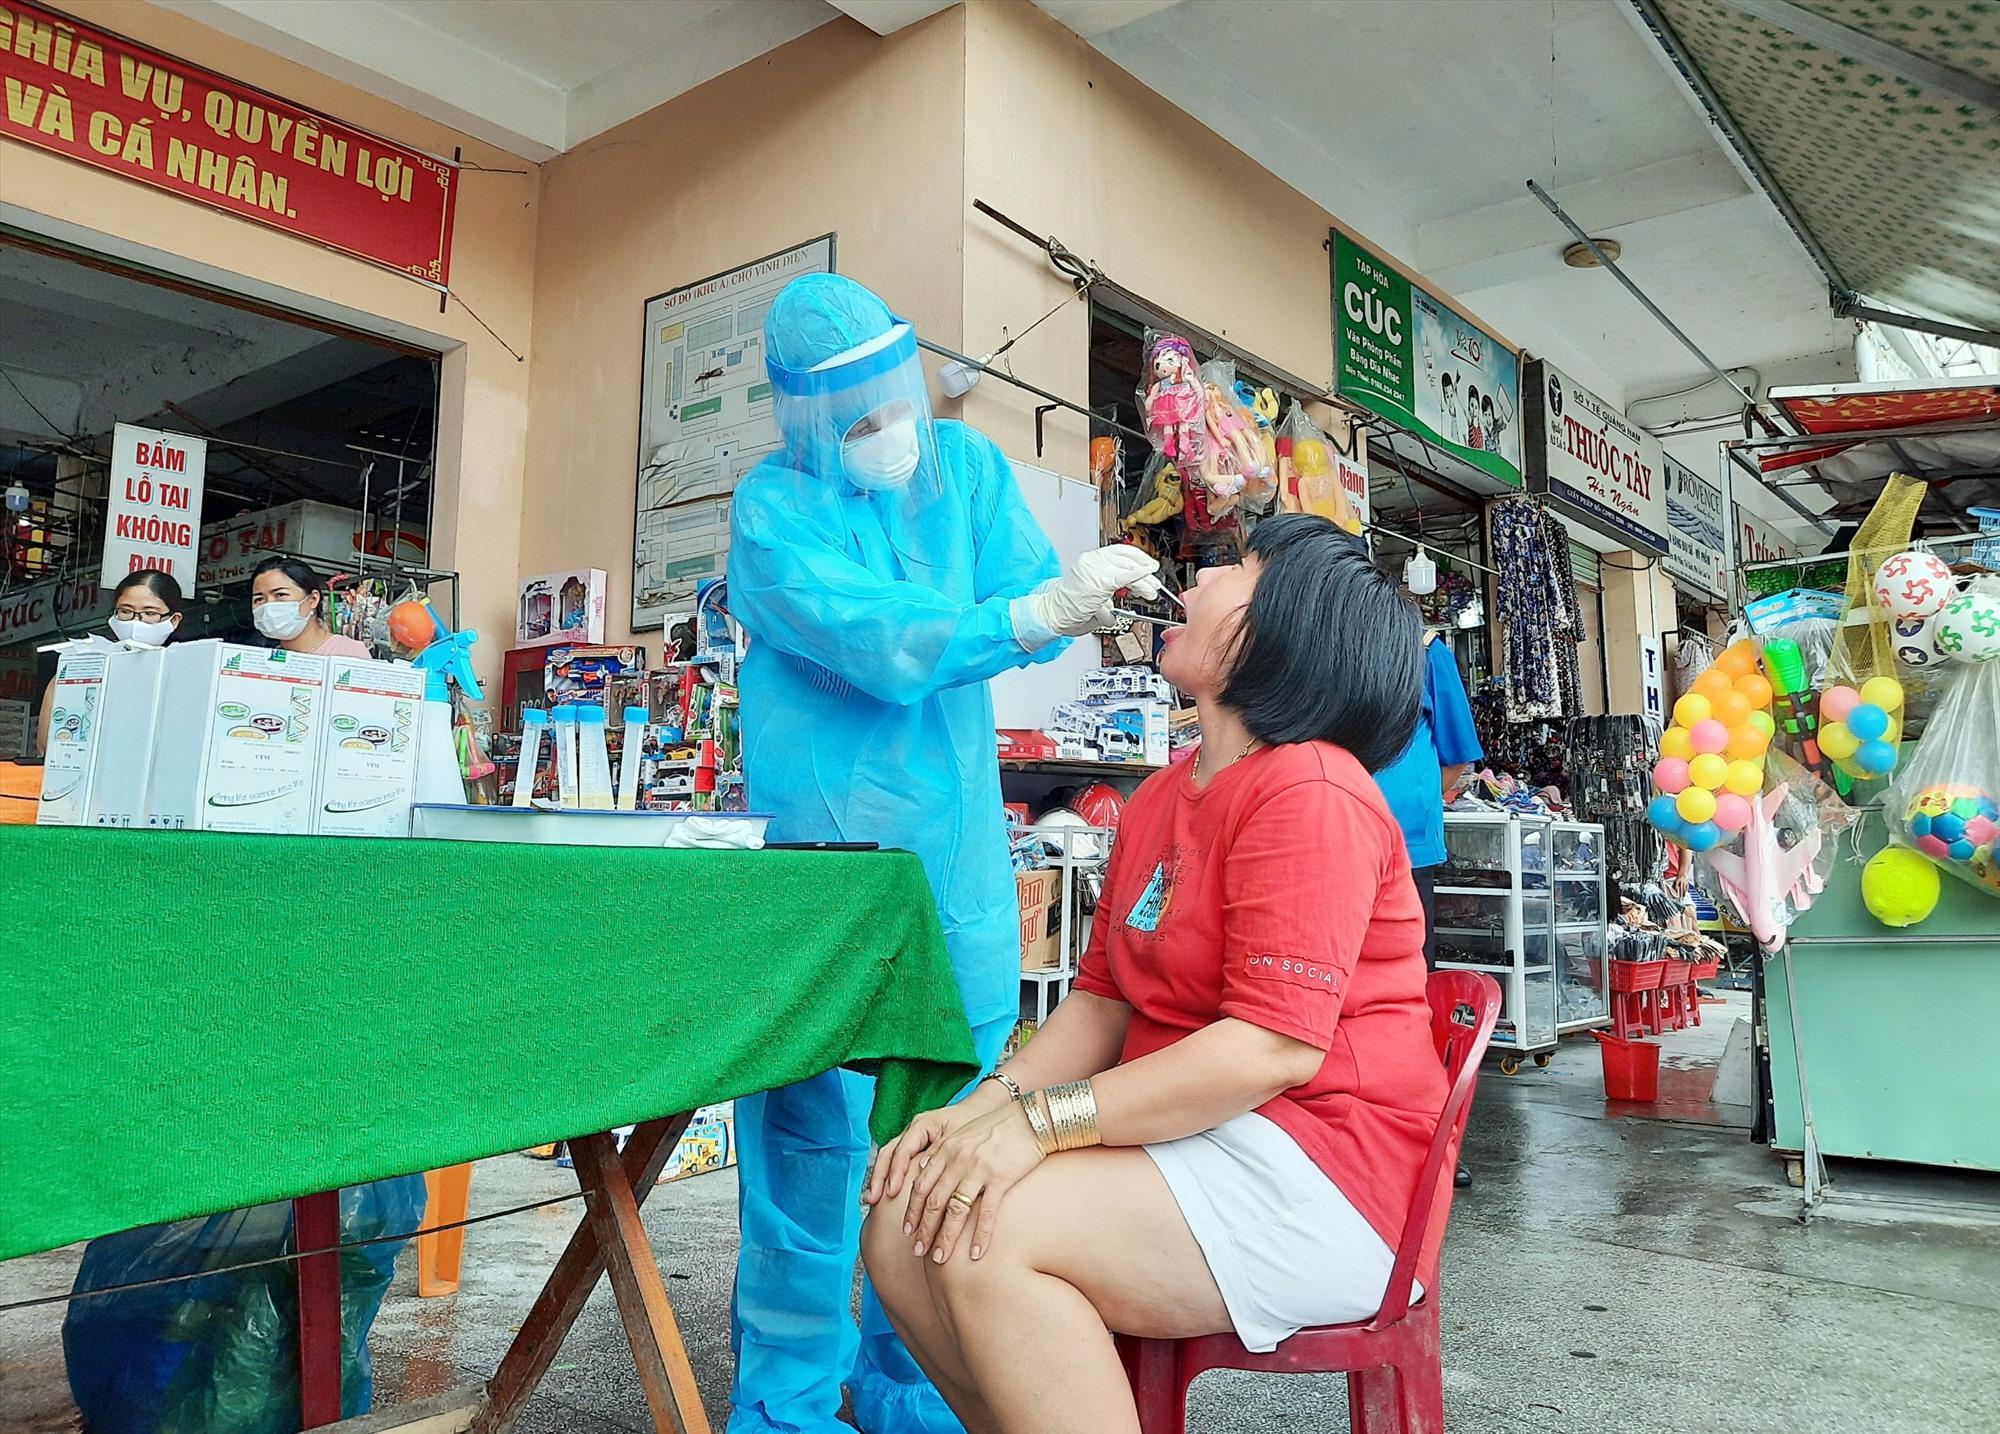 CDC Quảng Nam thực hiện lấy mẫu xét nghiệm ở chợ Vĩnh Điện. Ảnh: D.L